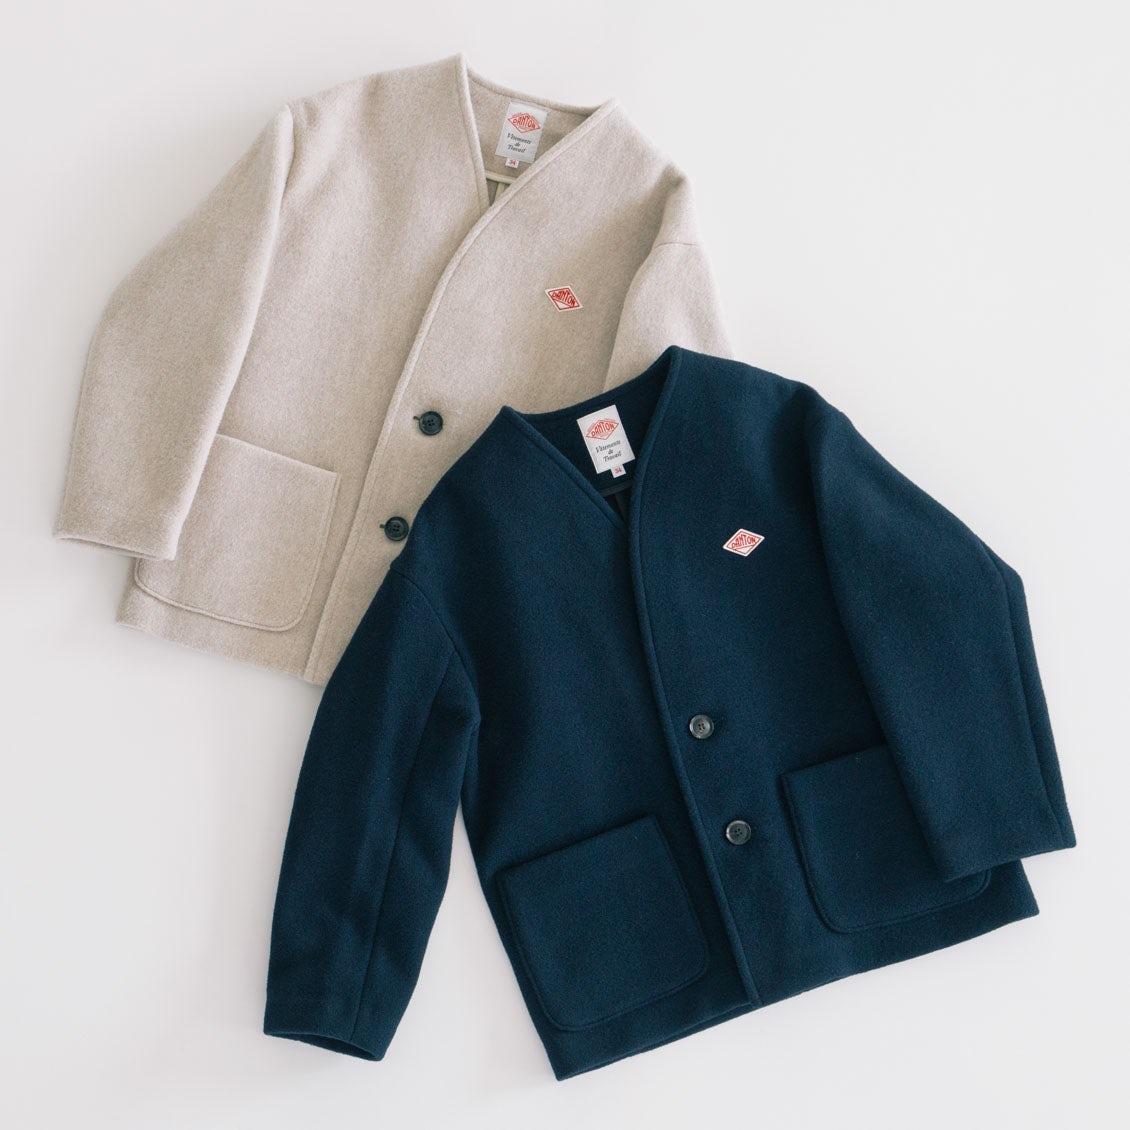 【新商品】どんなボトムスにも合わせやすい、着回し力抜群のDANTONショート丈コートの登場です!